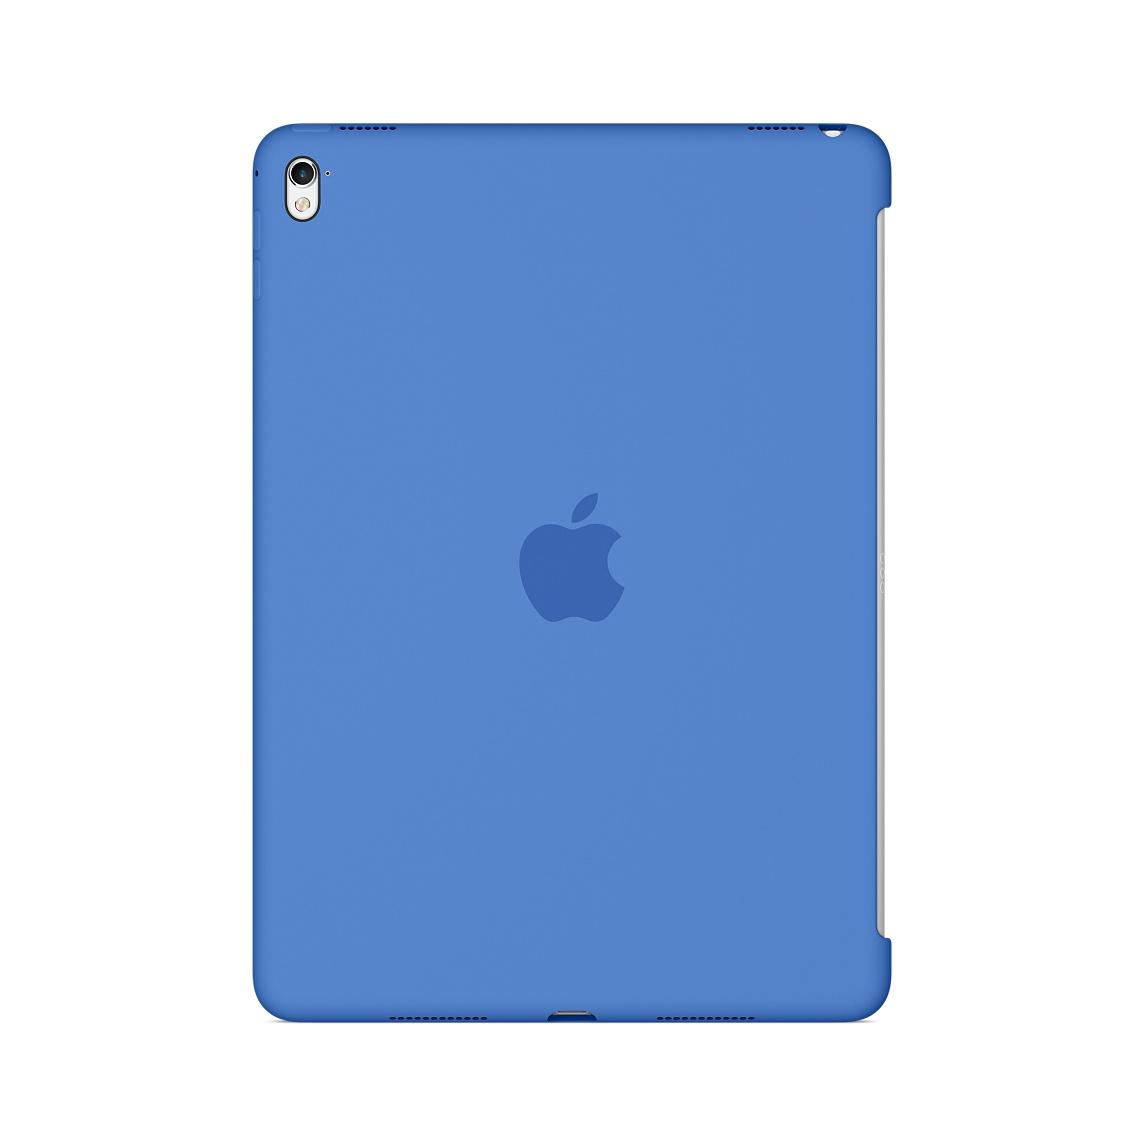 [全品エントリーでポイント10倍]Apple(アップル)純正 iPad Pro 9.7インチ シリコーンケース ロイヤルブルー MM252FE/A MM252FEA